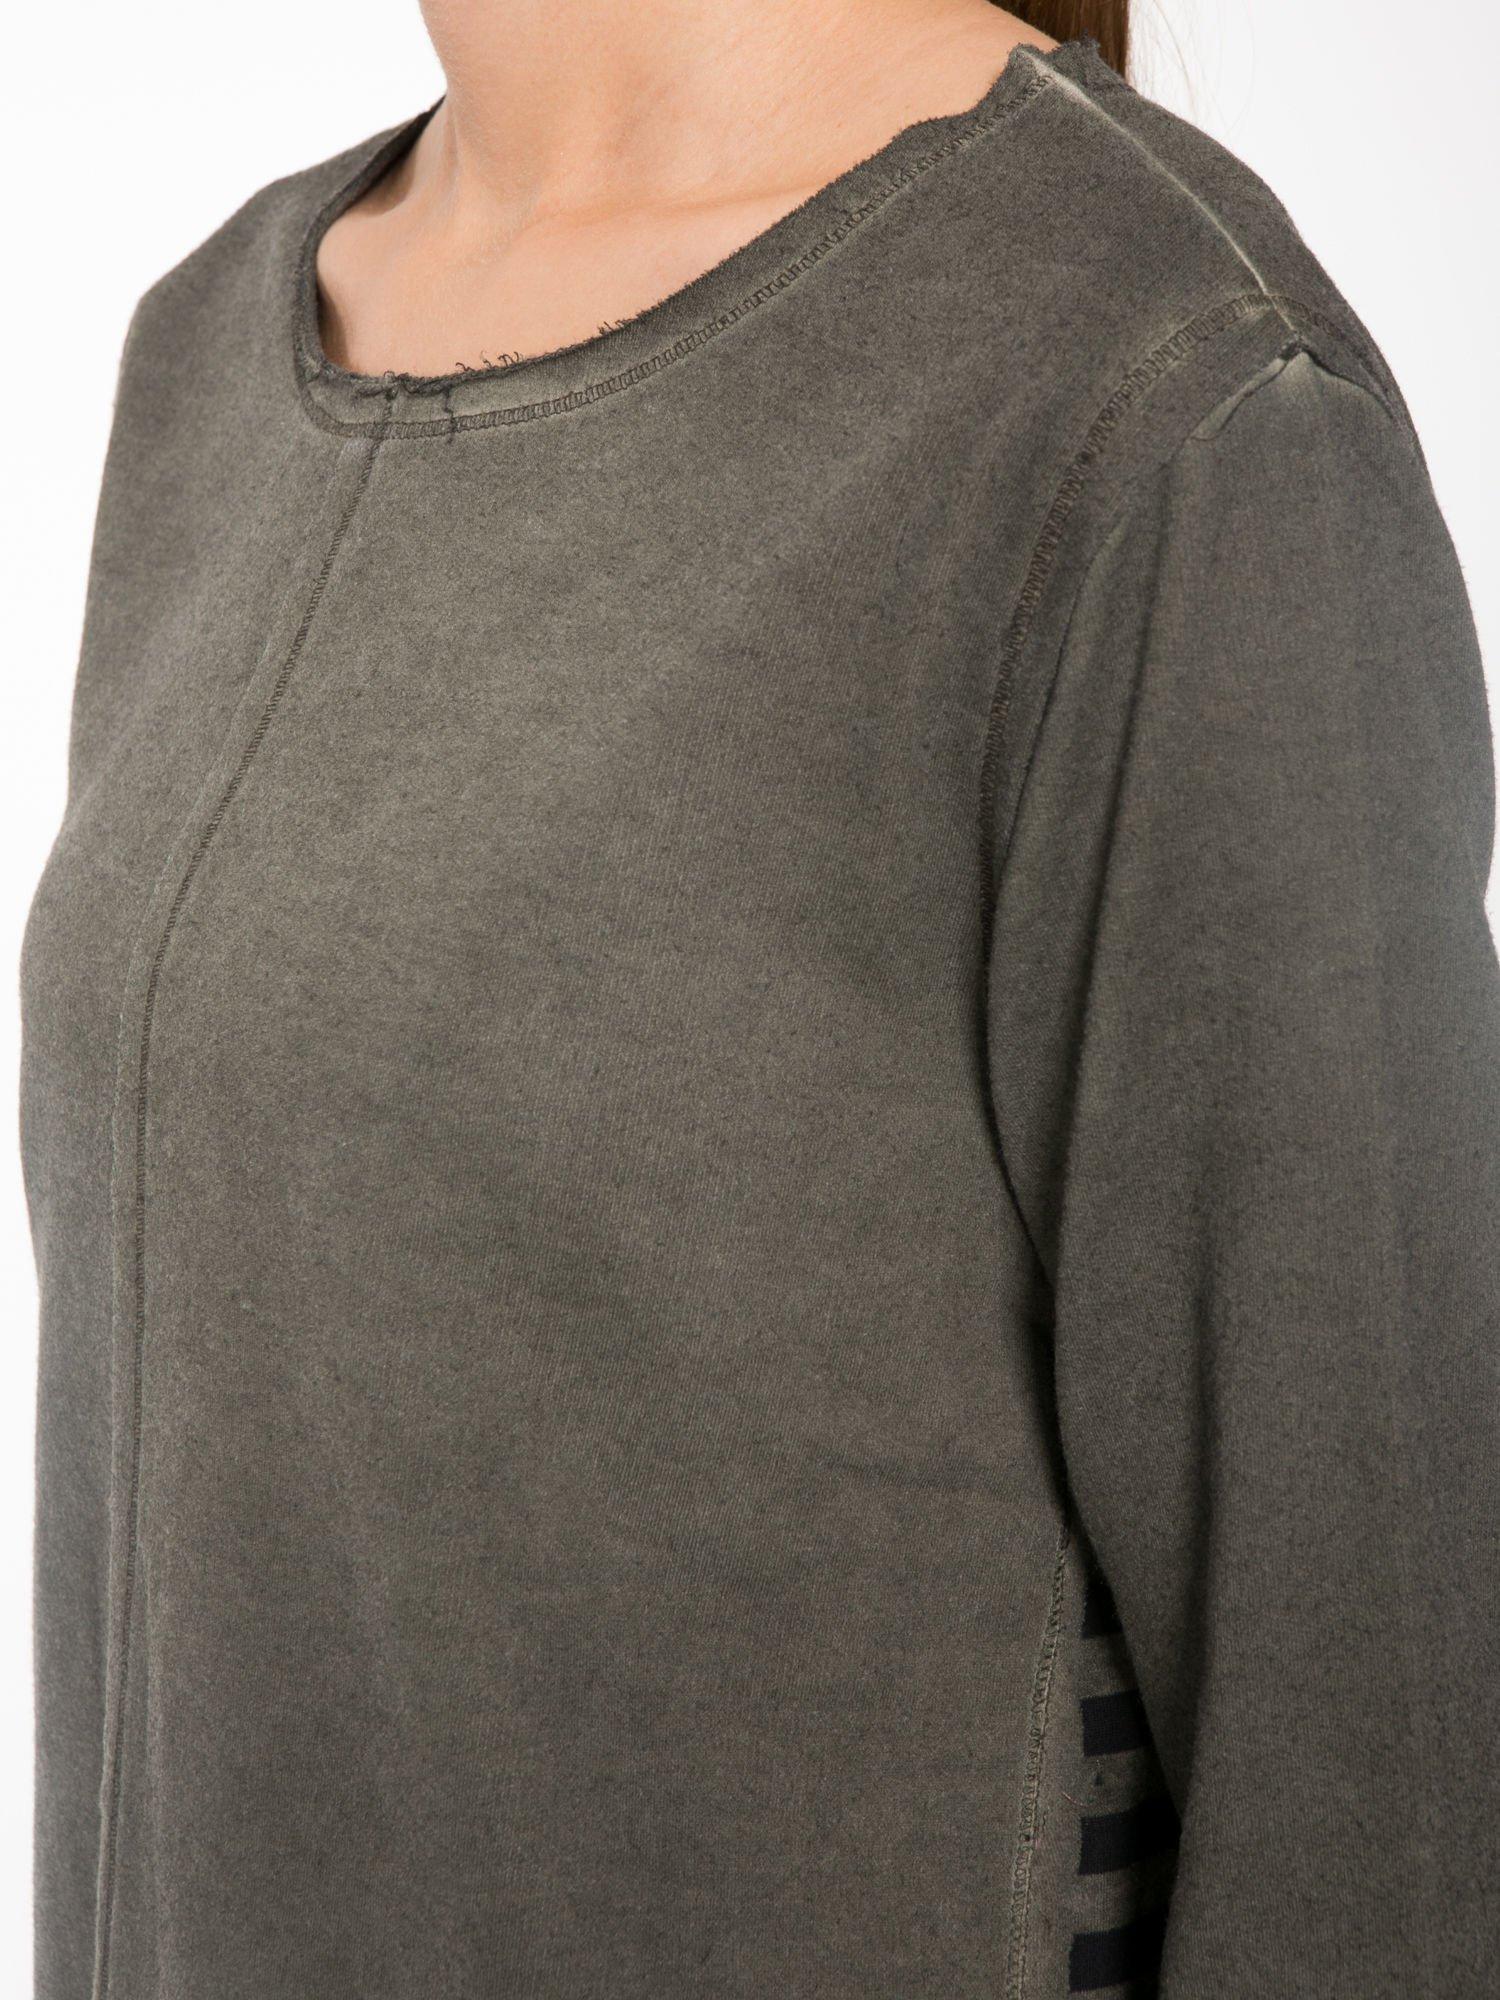 Khaki bluza z surowym wykończeniem i widocznymi szwami                                  zdj.                                  8